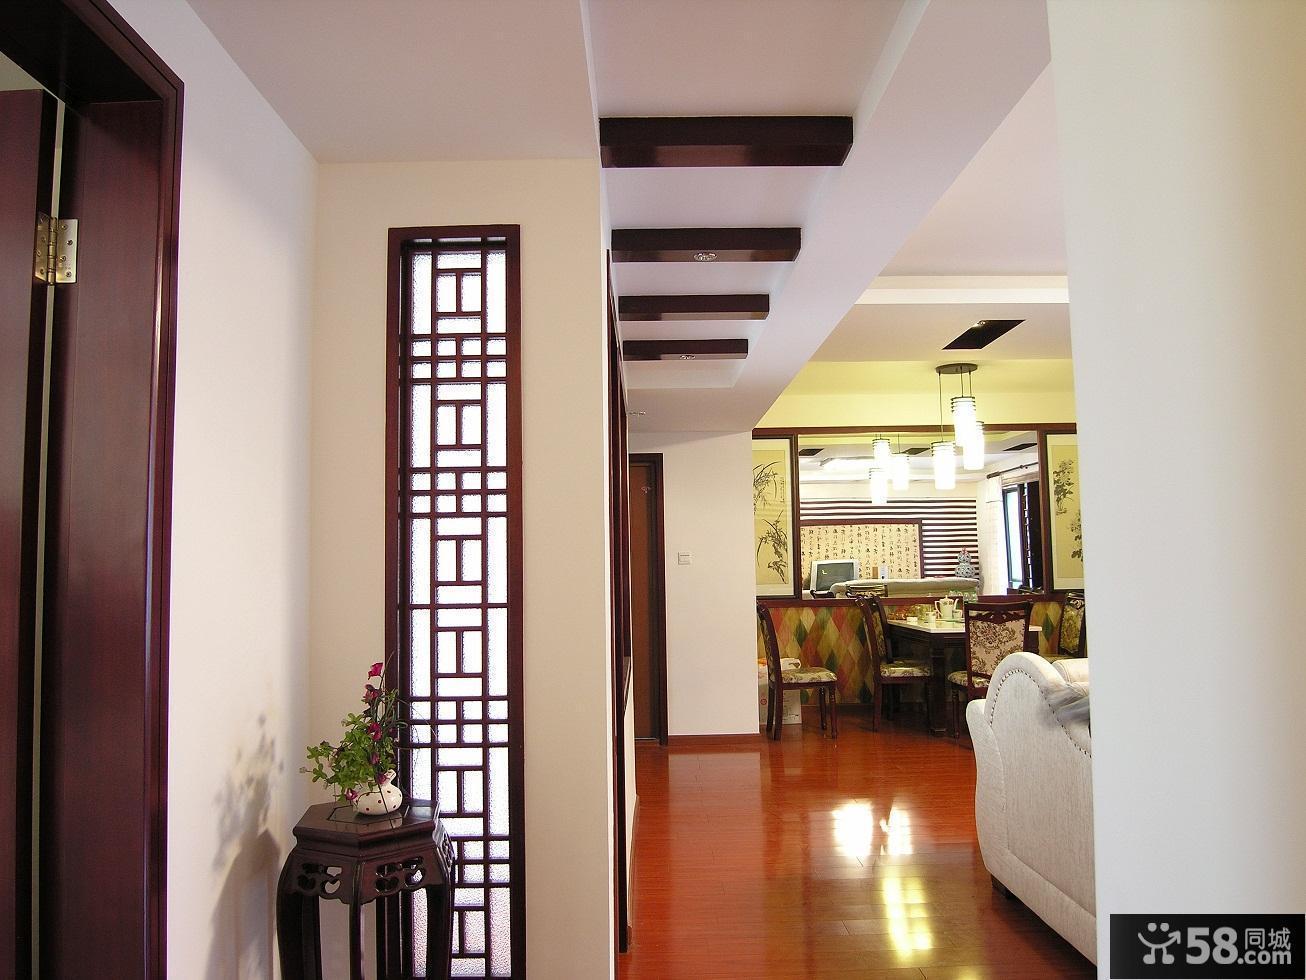 中式家居玄关装修效果图片